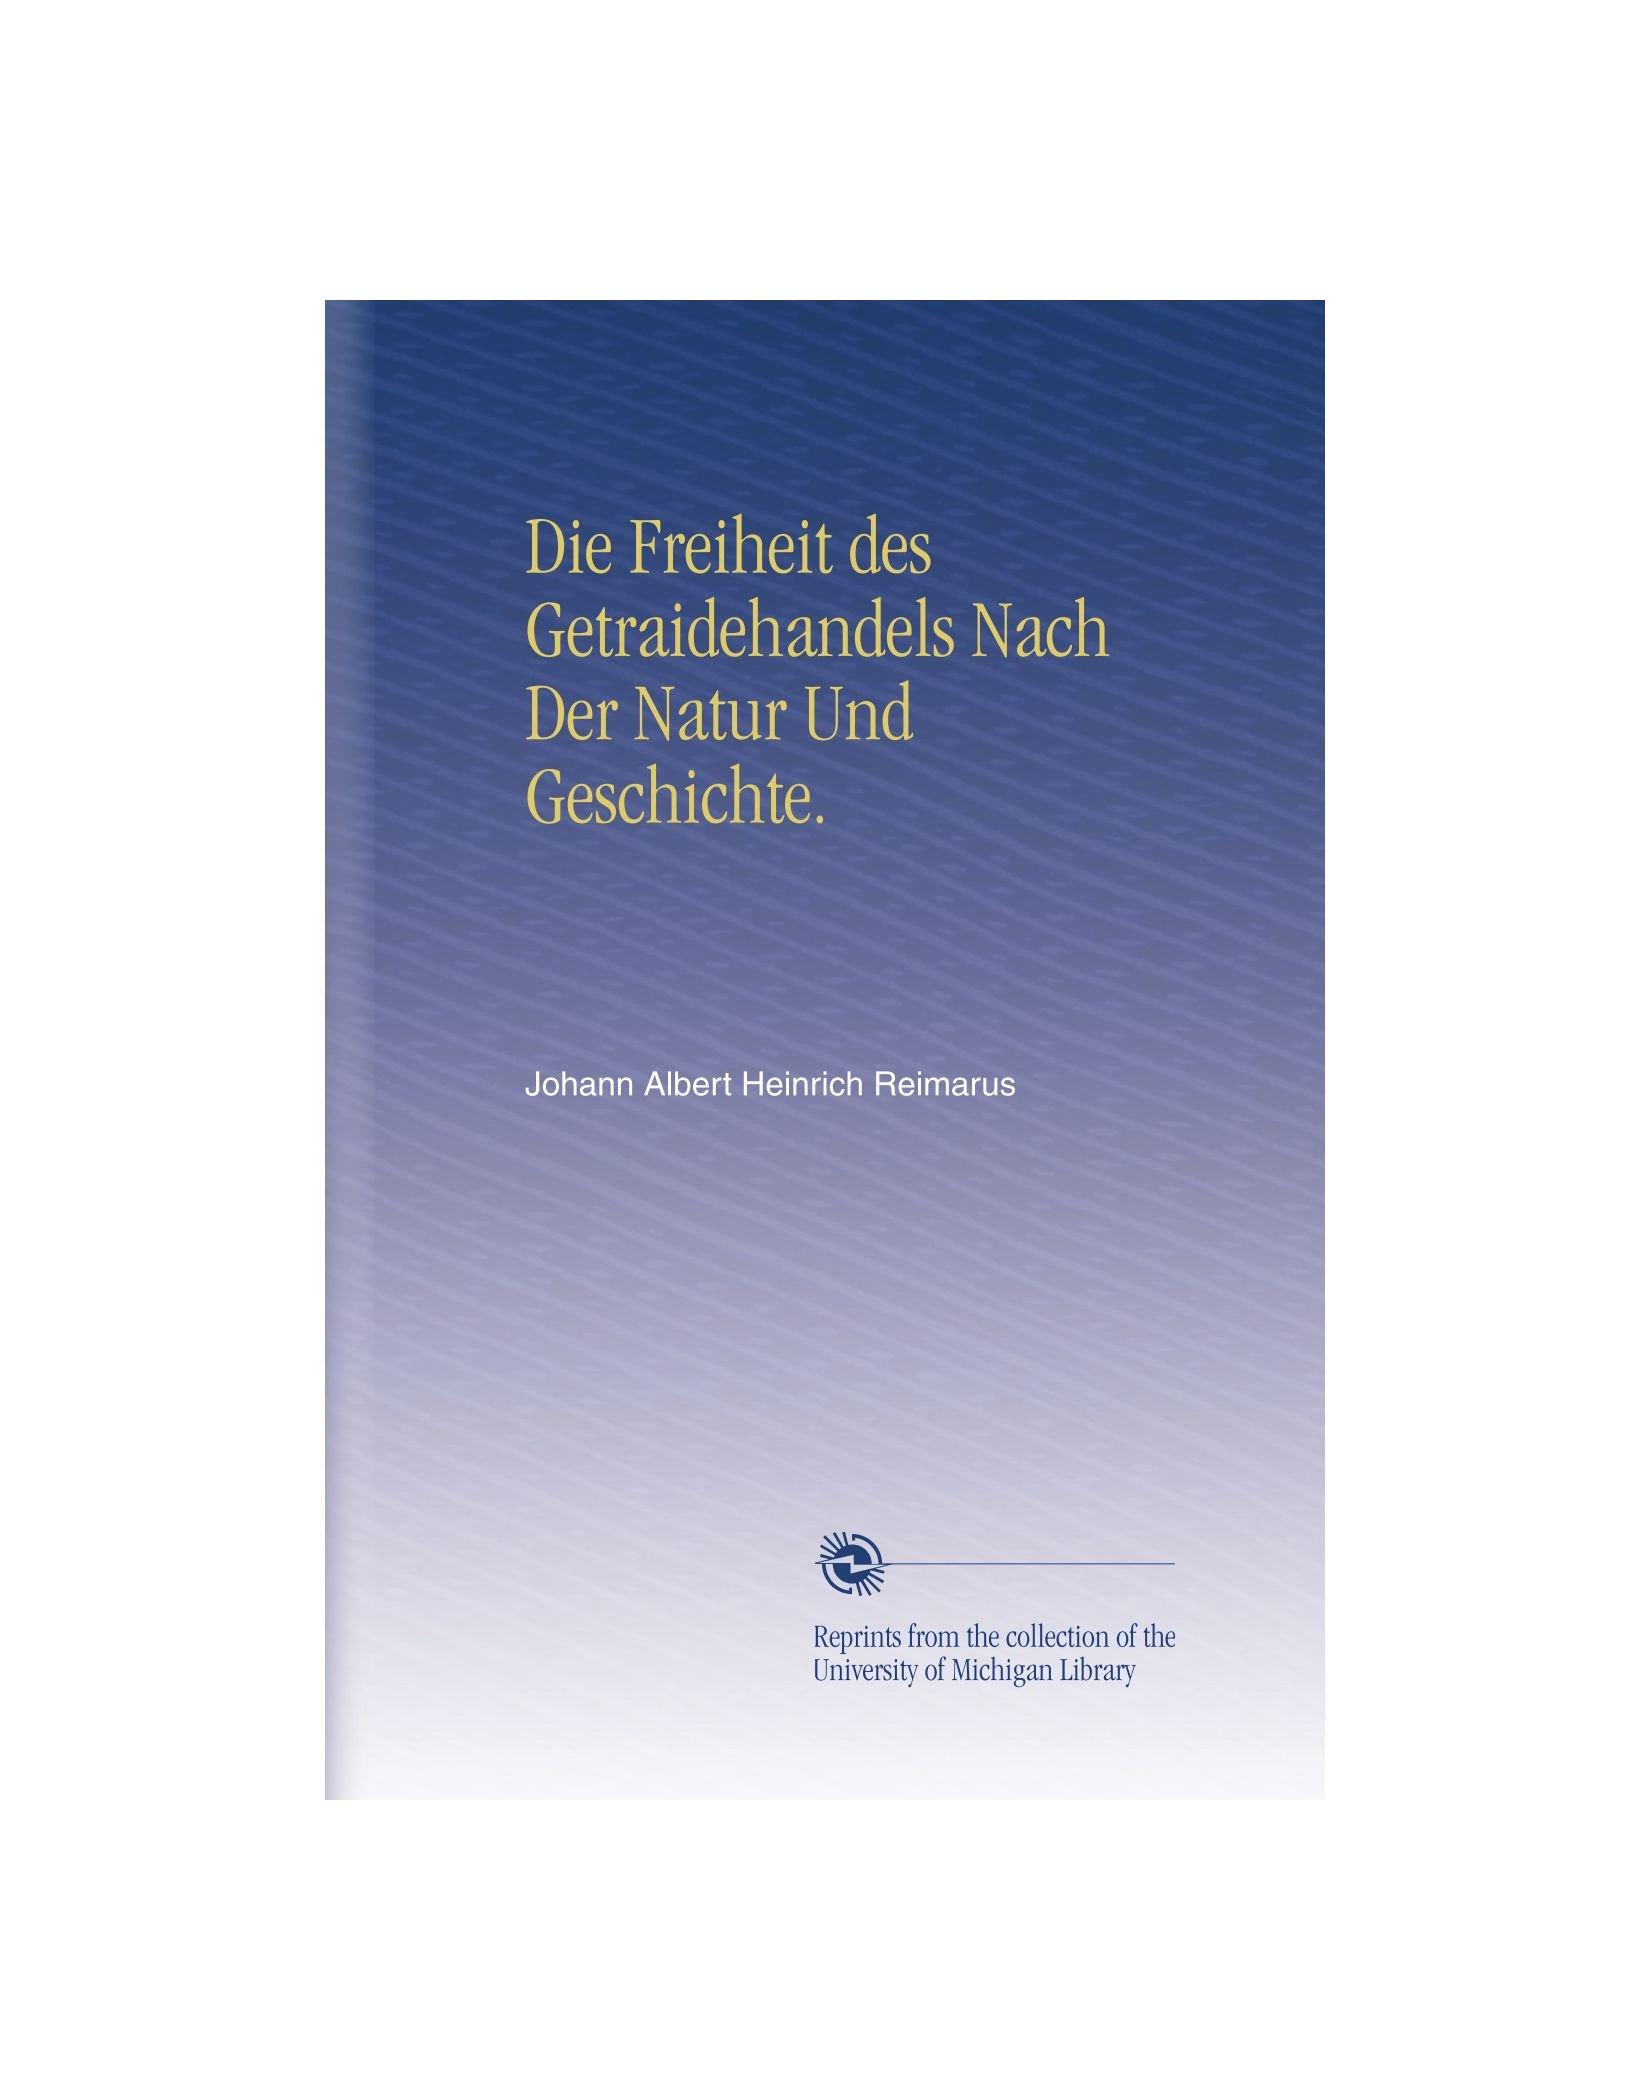 Read Online Die Freiheit des Getraidehandels Nach Der Natur Und Geschichte. (German Edition) PDF